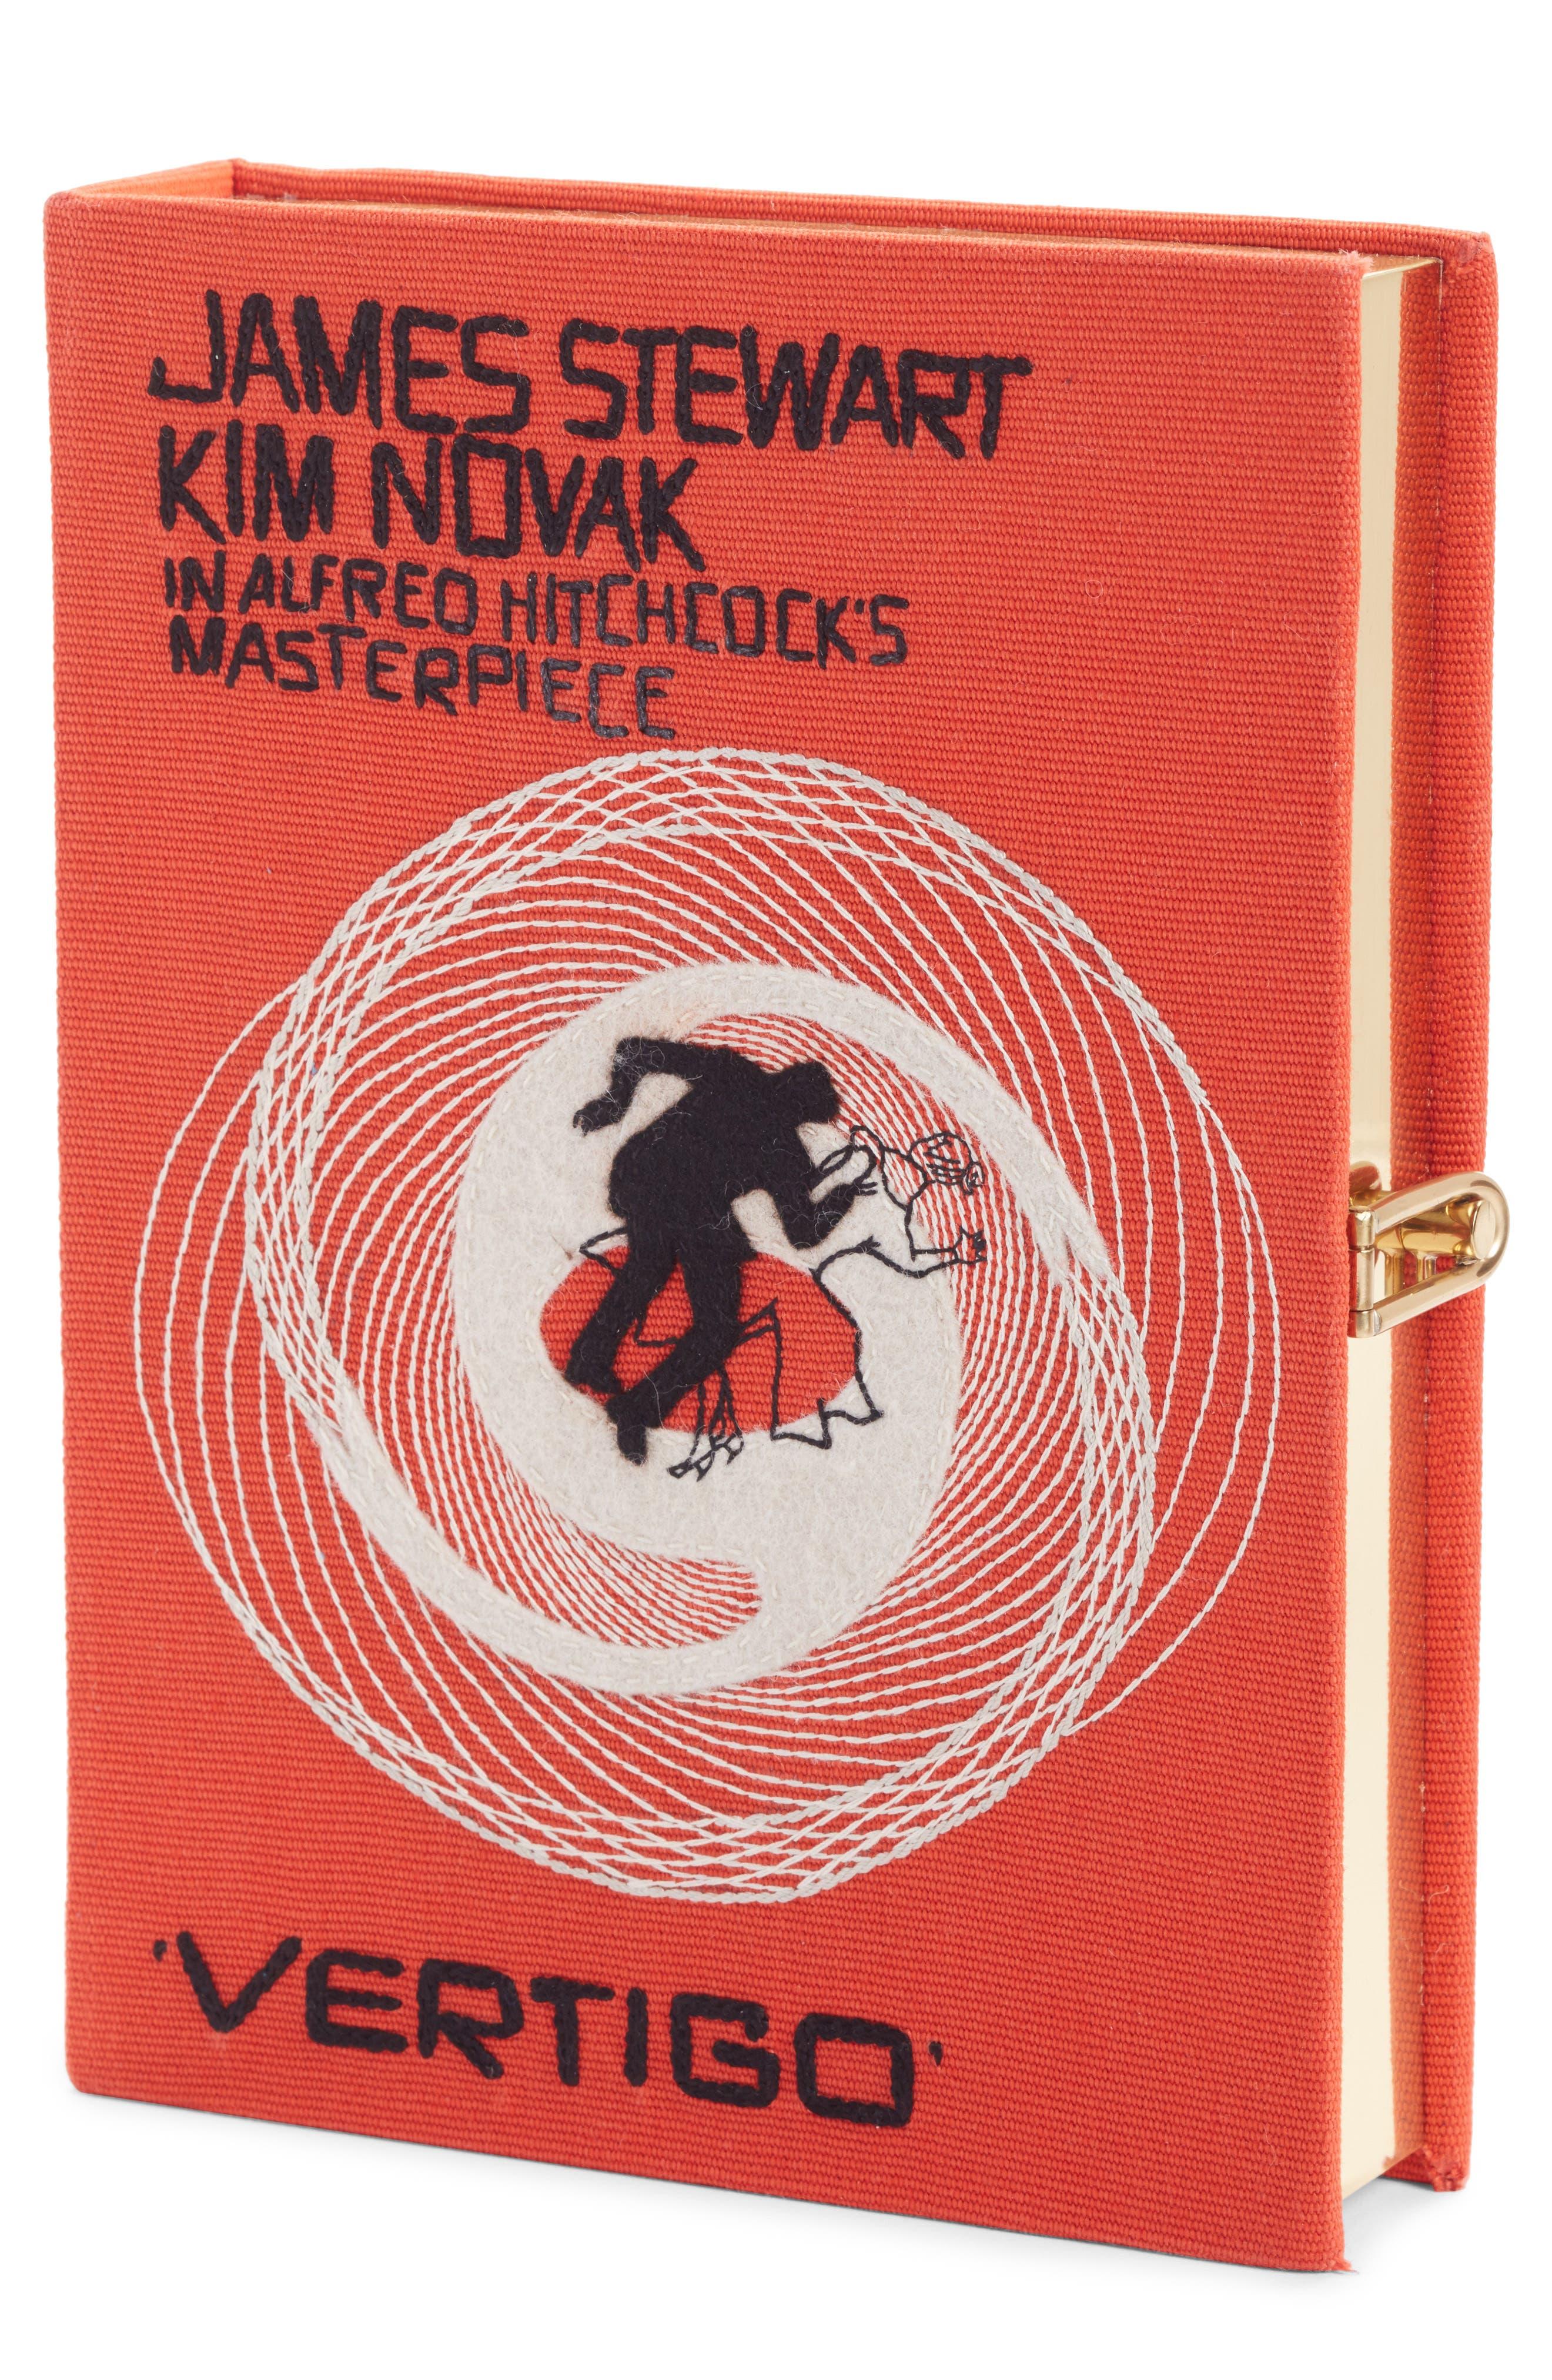 Hitchcock - 'Vertigo' Book Clutch,                         Main,                         color, Orange